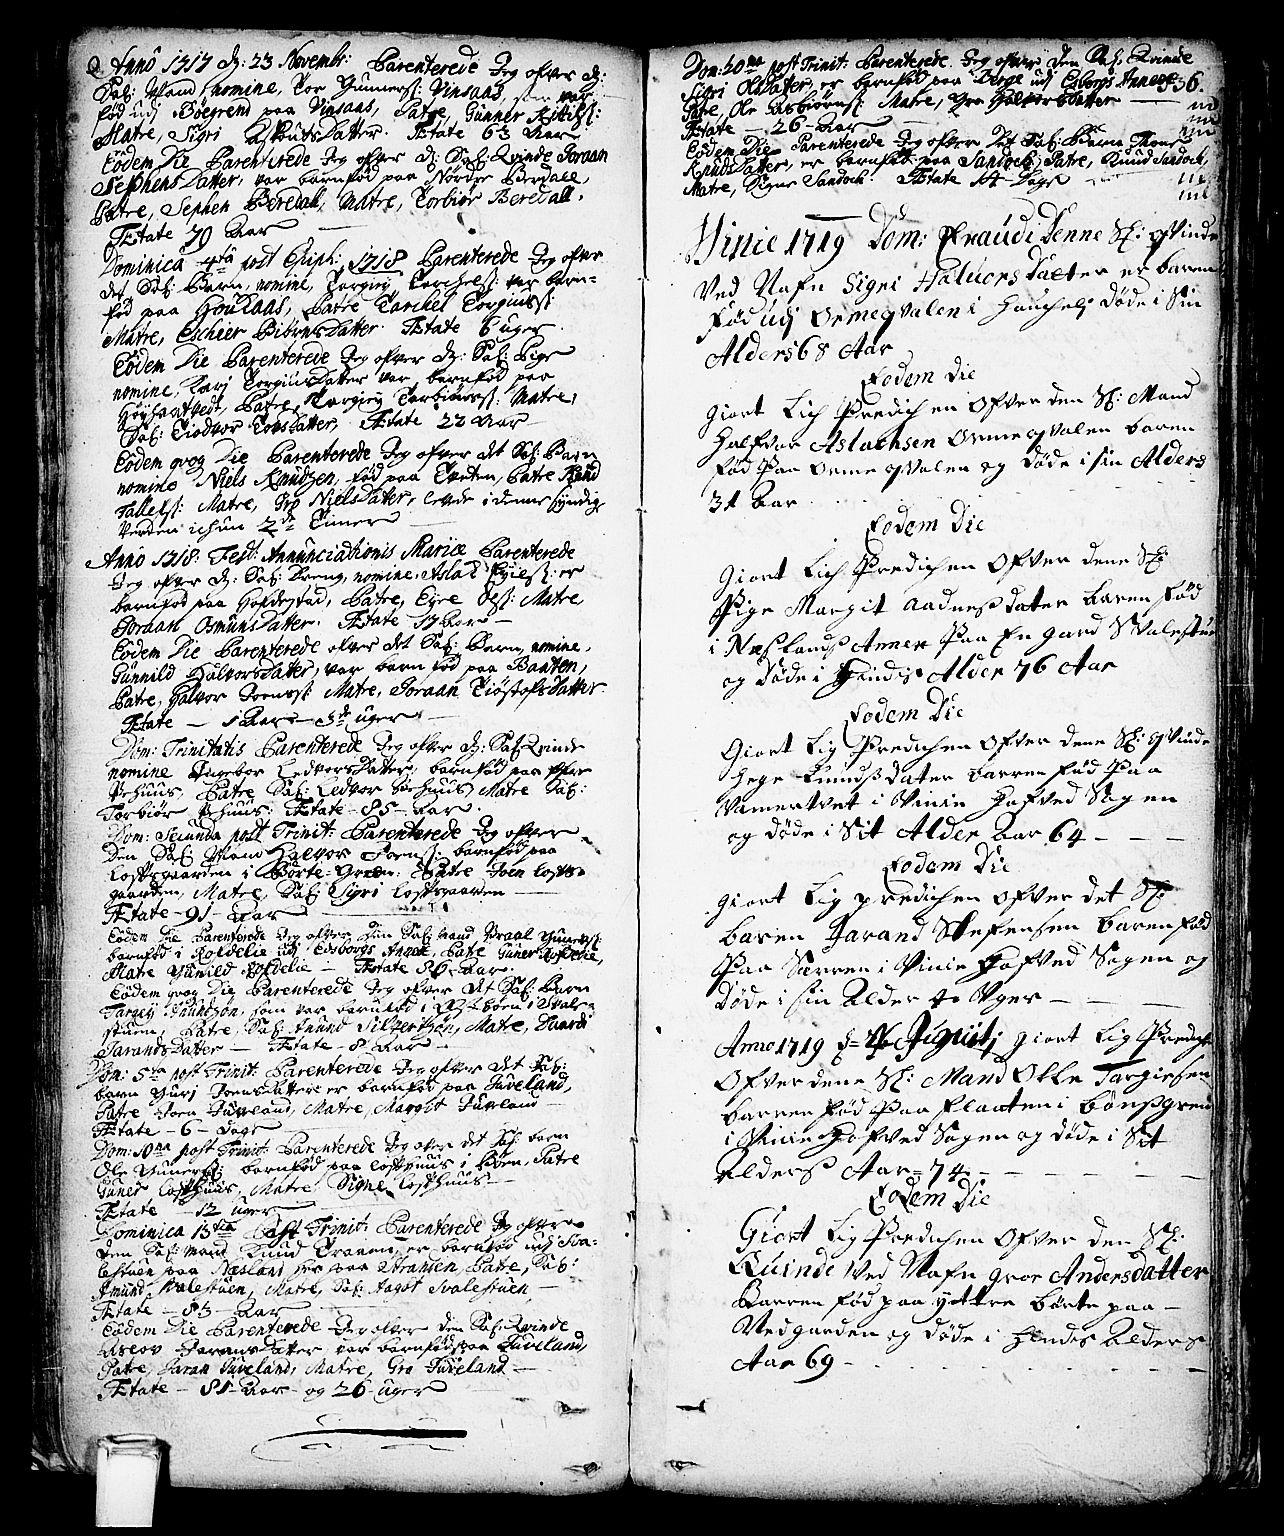 SAKO, Vinje kirkebøker, F/Fa/L0001: Ministerialbok nr. I 1, 1717-1766, s. 136